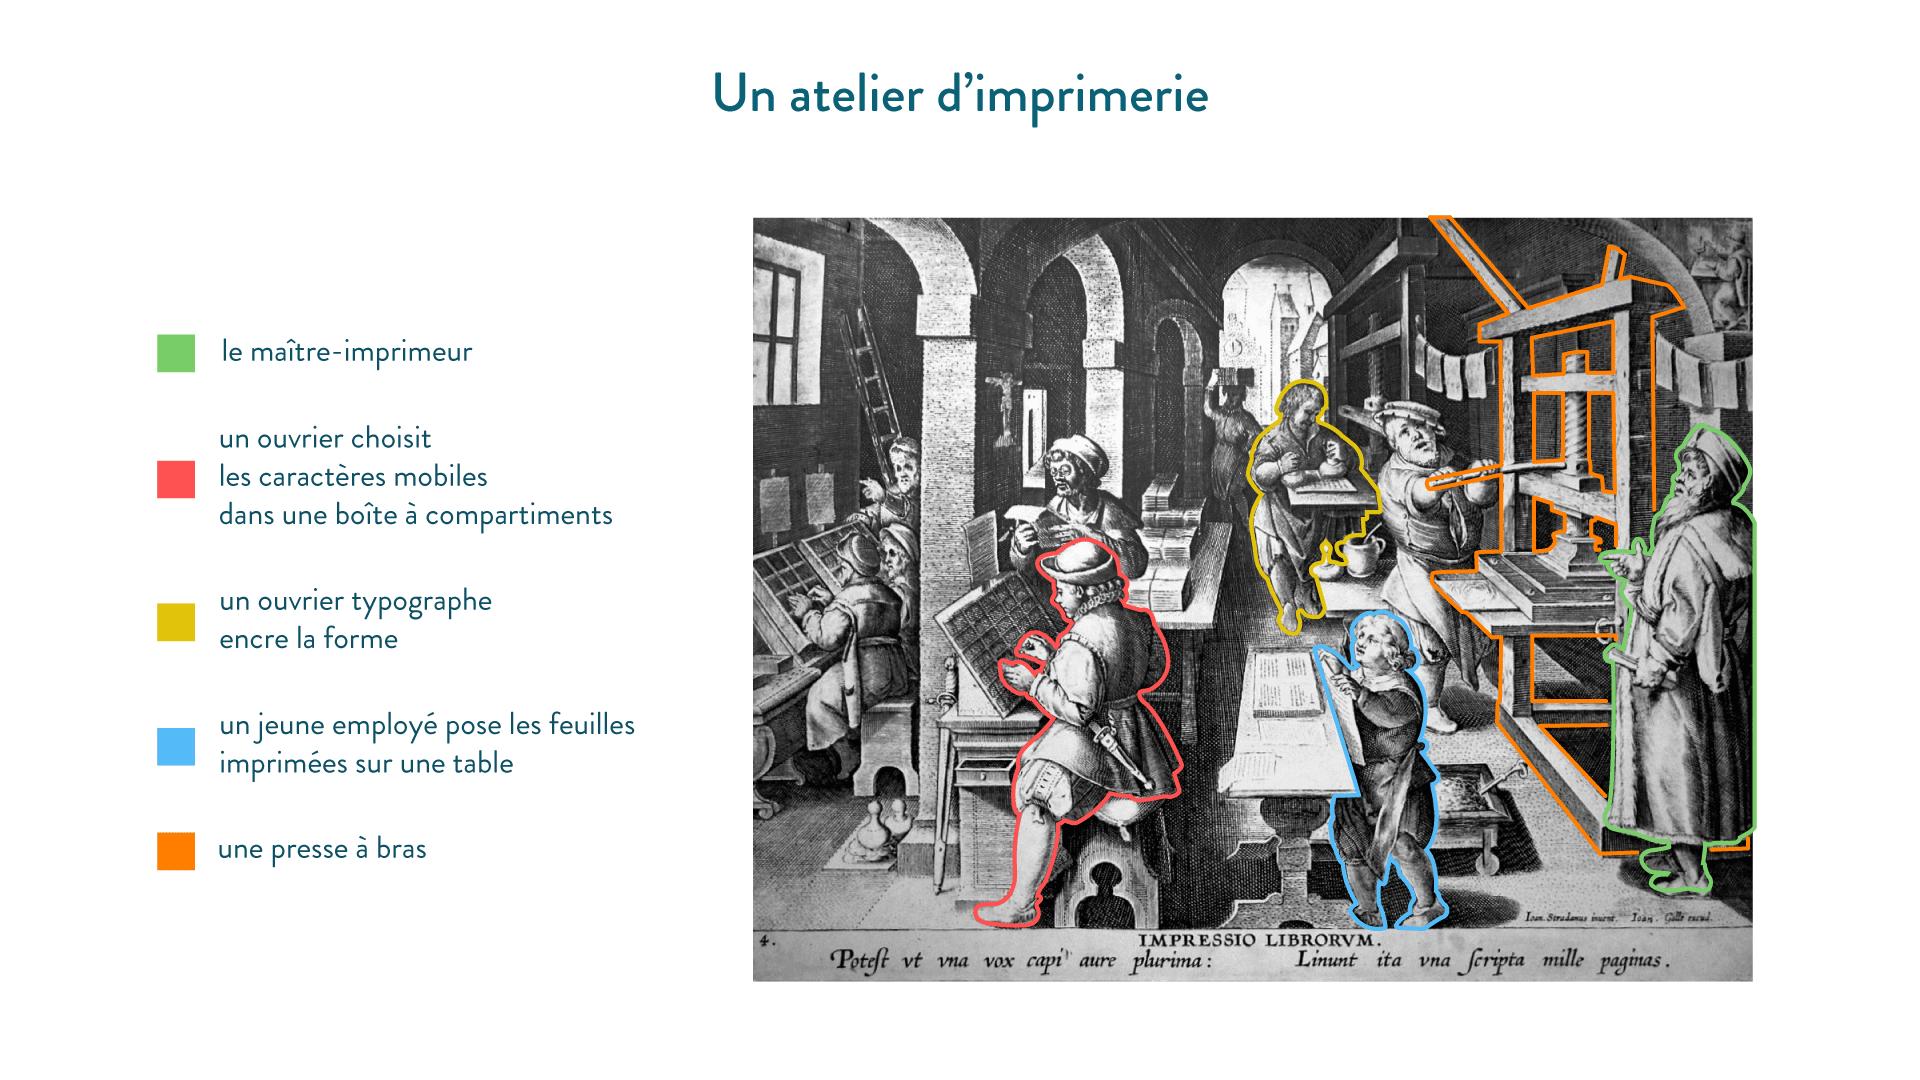 Un atelier d'imprimerie. Impressio Librorum, XVI<sup>e</sup>siècle - 5e - histoire